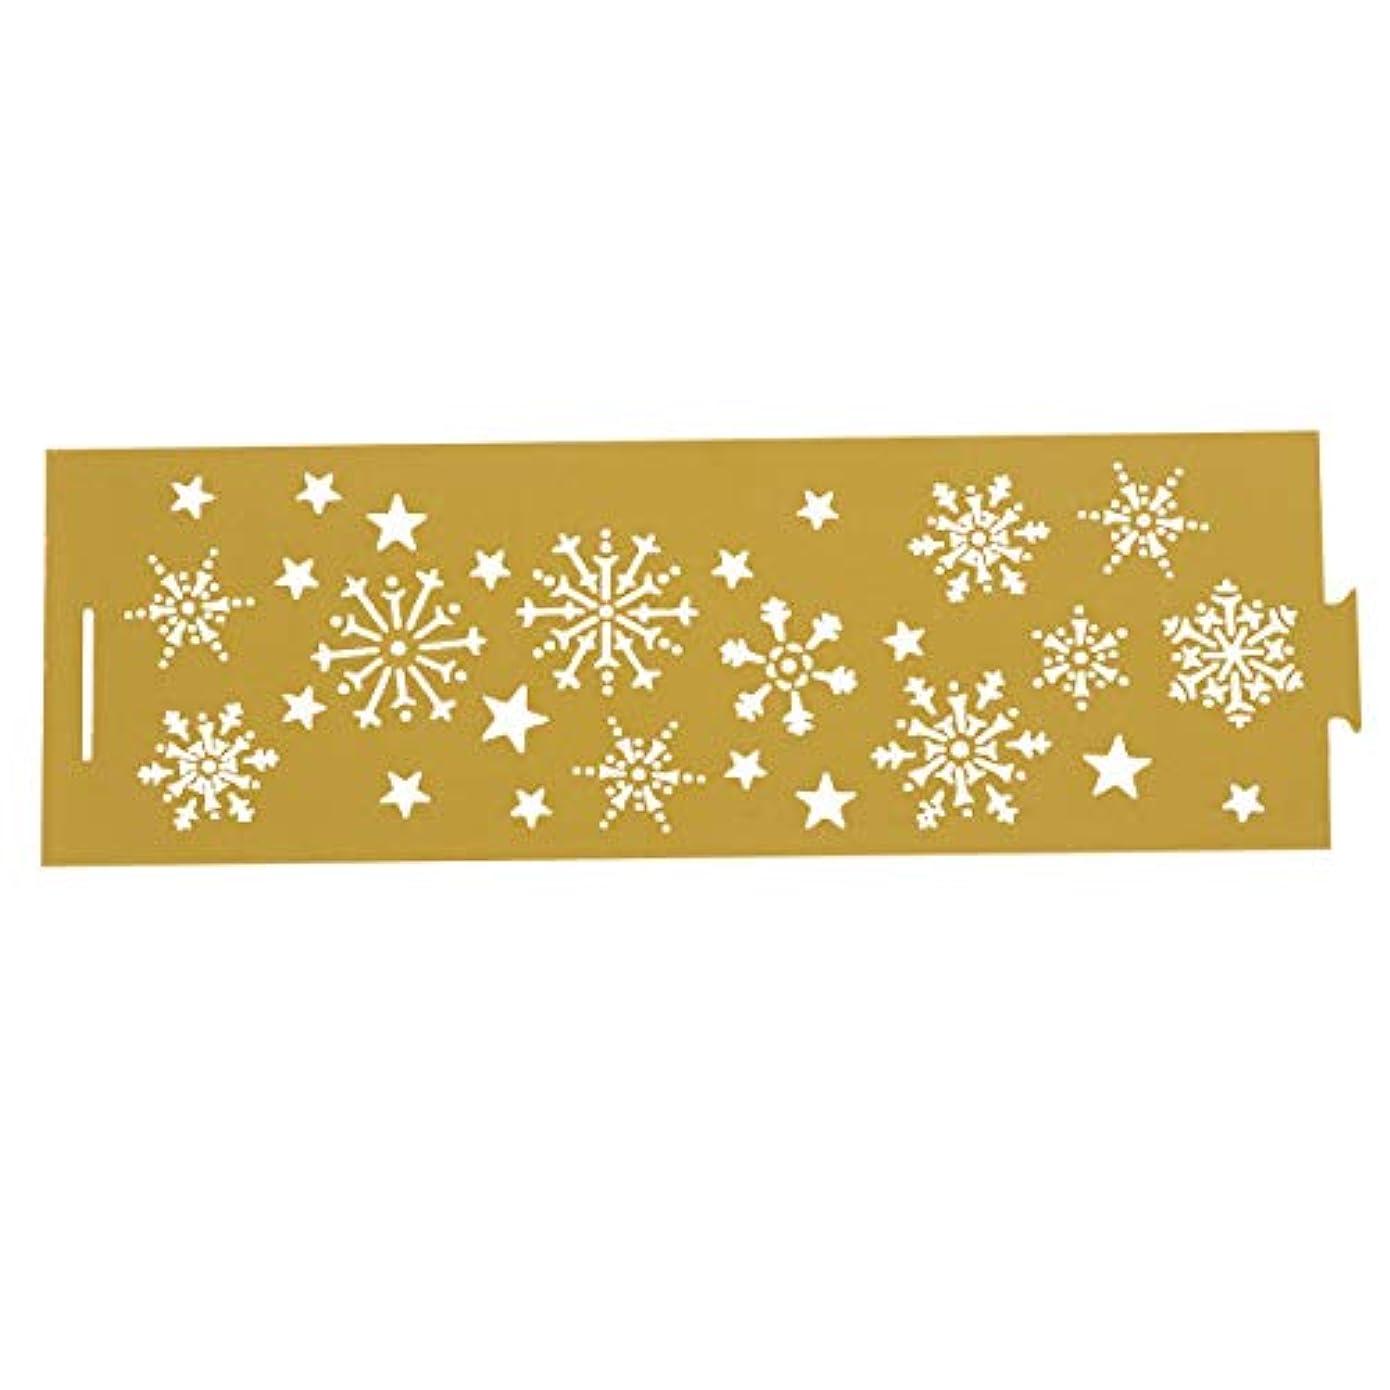 大邸宅城ソートBESTONZON 50ピースled電子キャンドルラッパーライト中空キャンドルシェードカバーペーパーラッパーペーパーキャンドル装飾(ゴールデン)